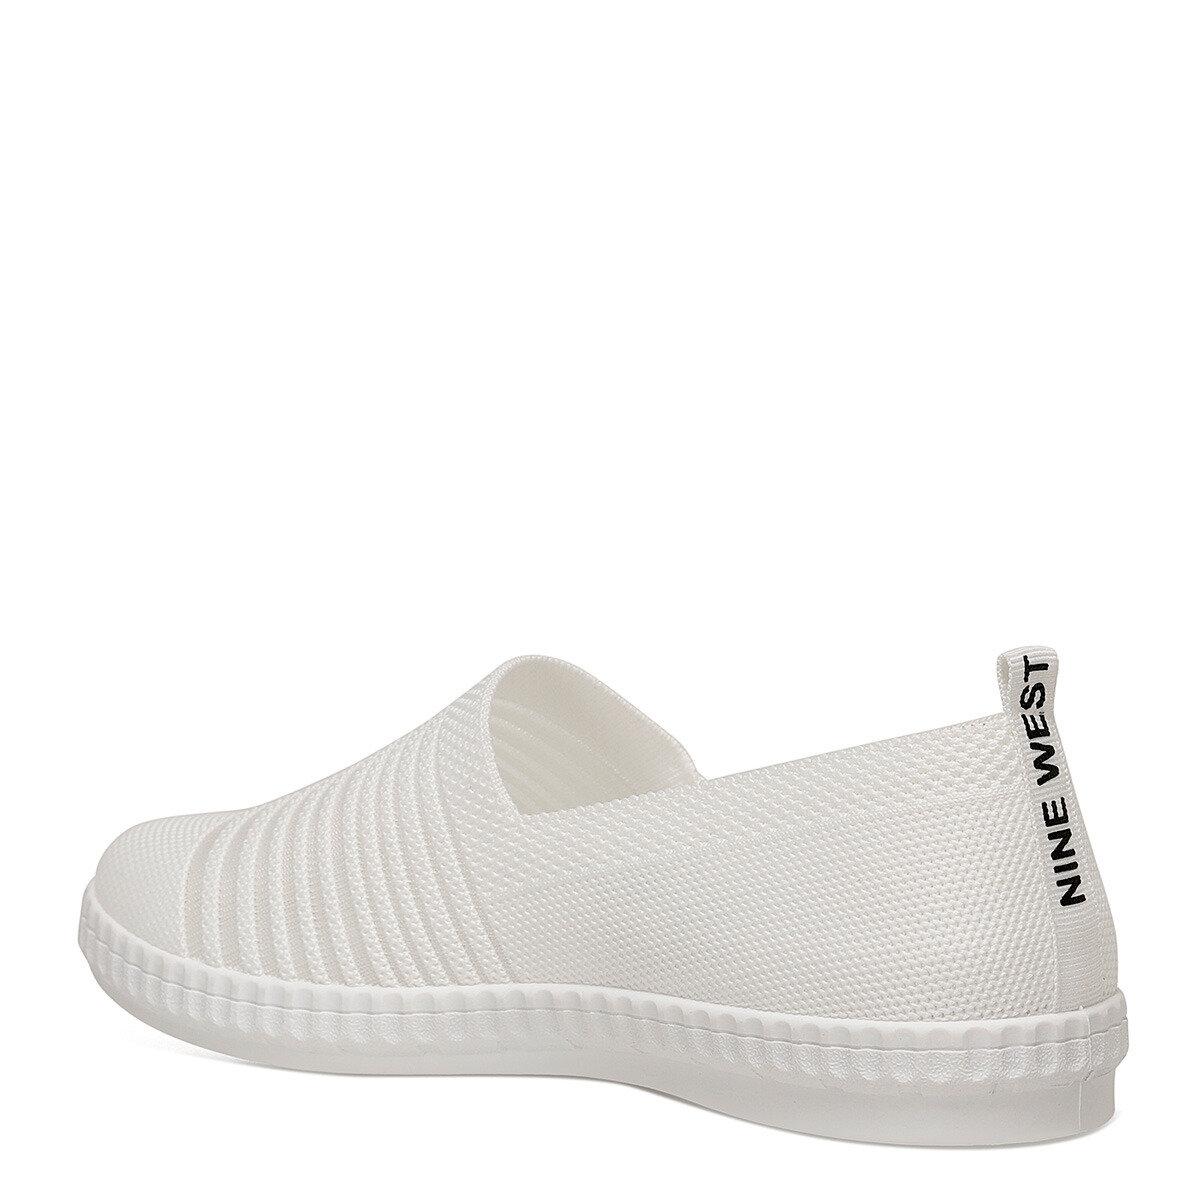 SHANA Beyaz Kadın Slip On Ayakkabı